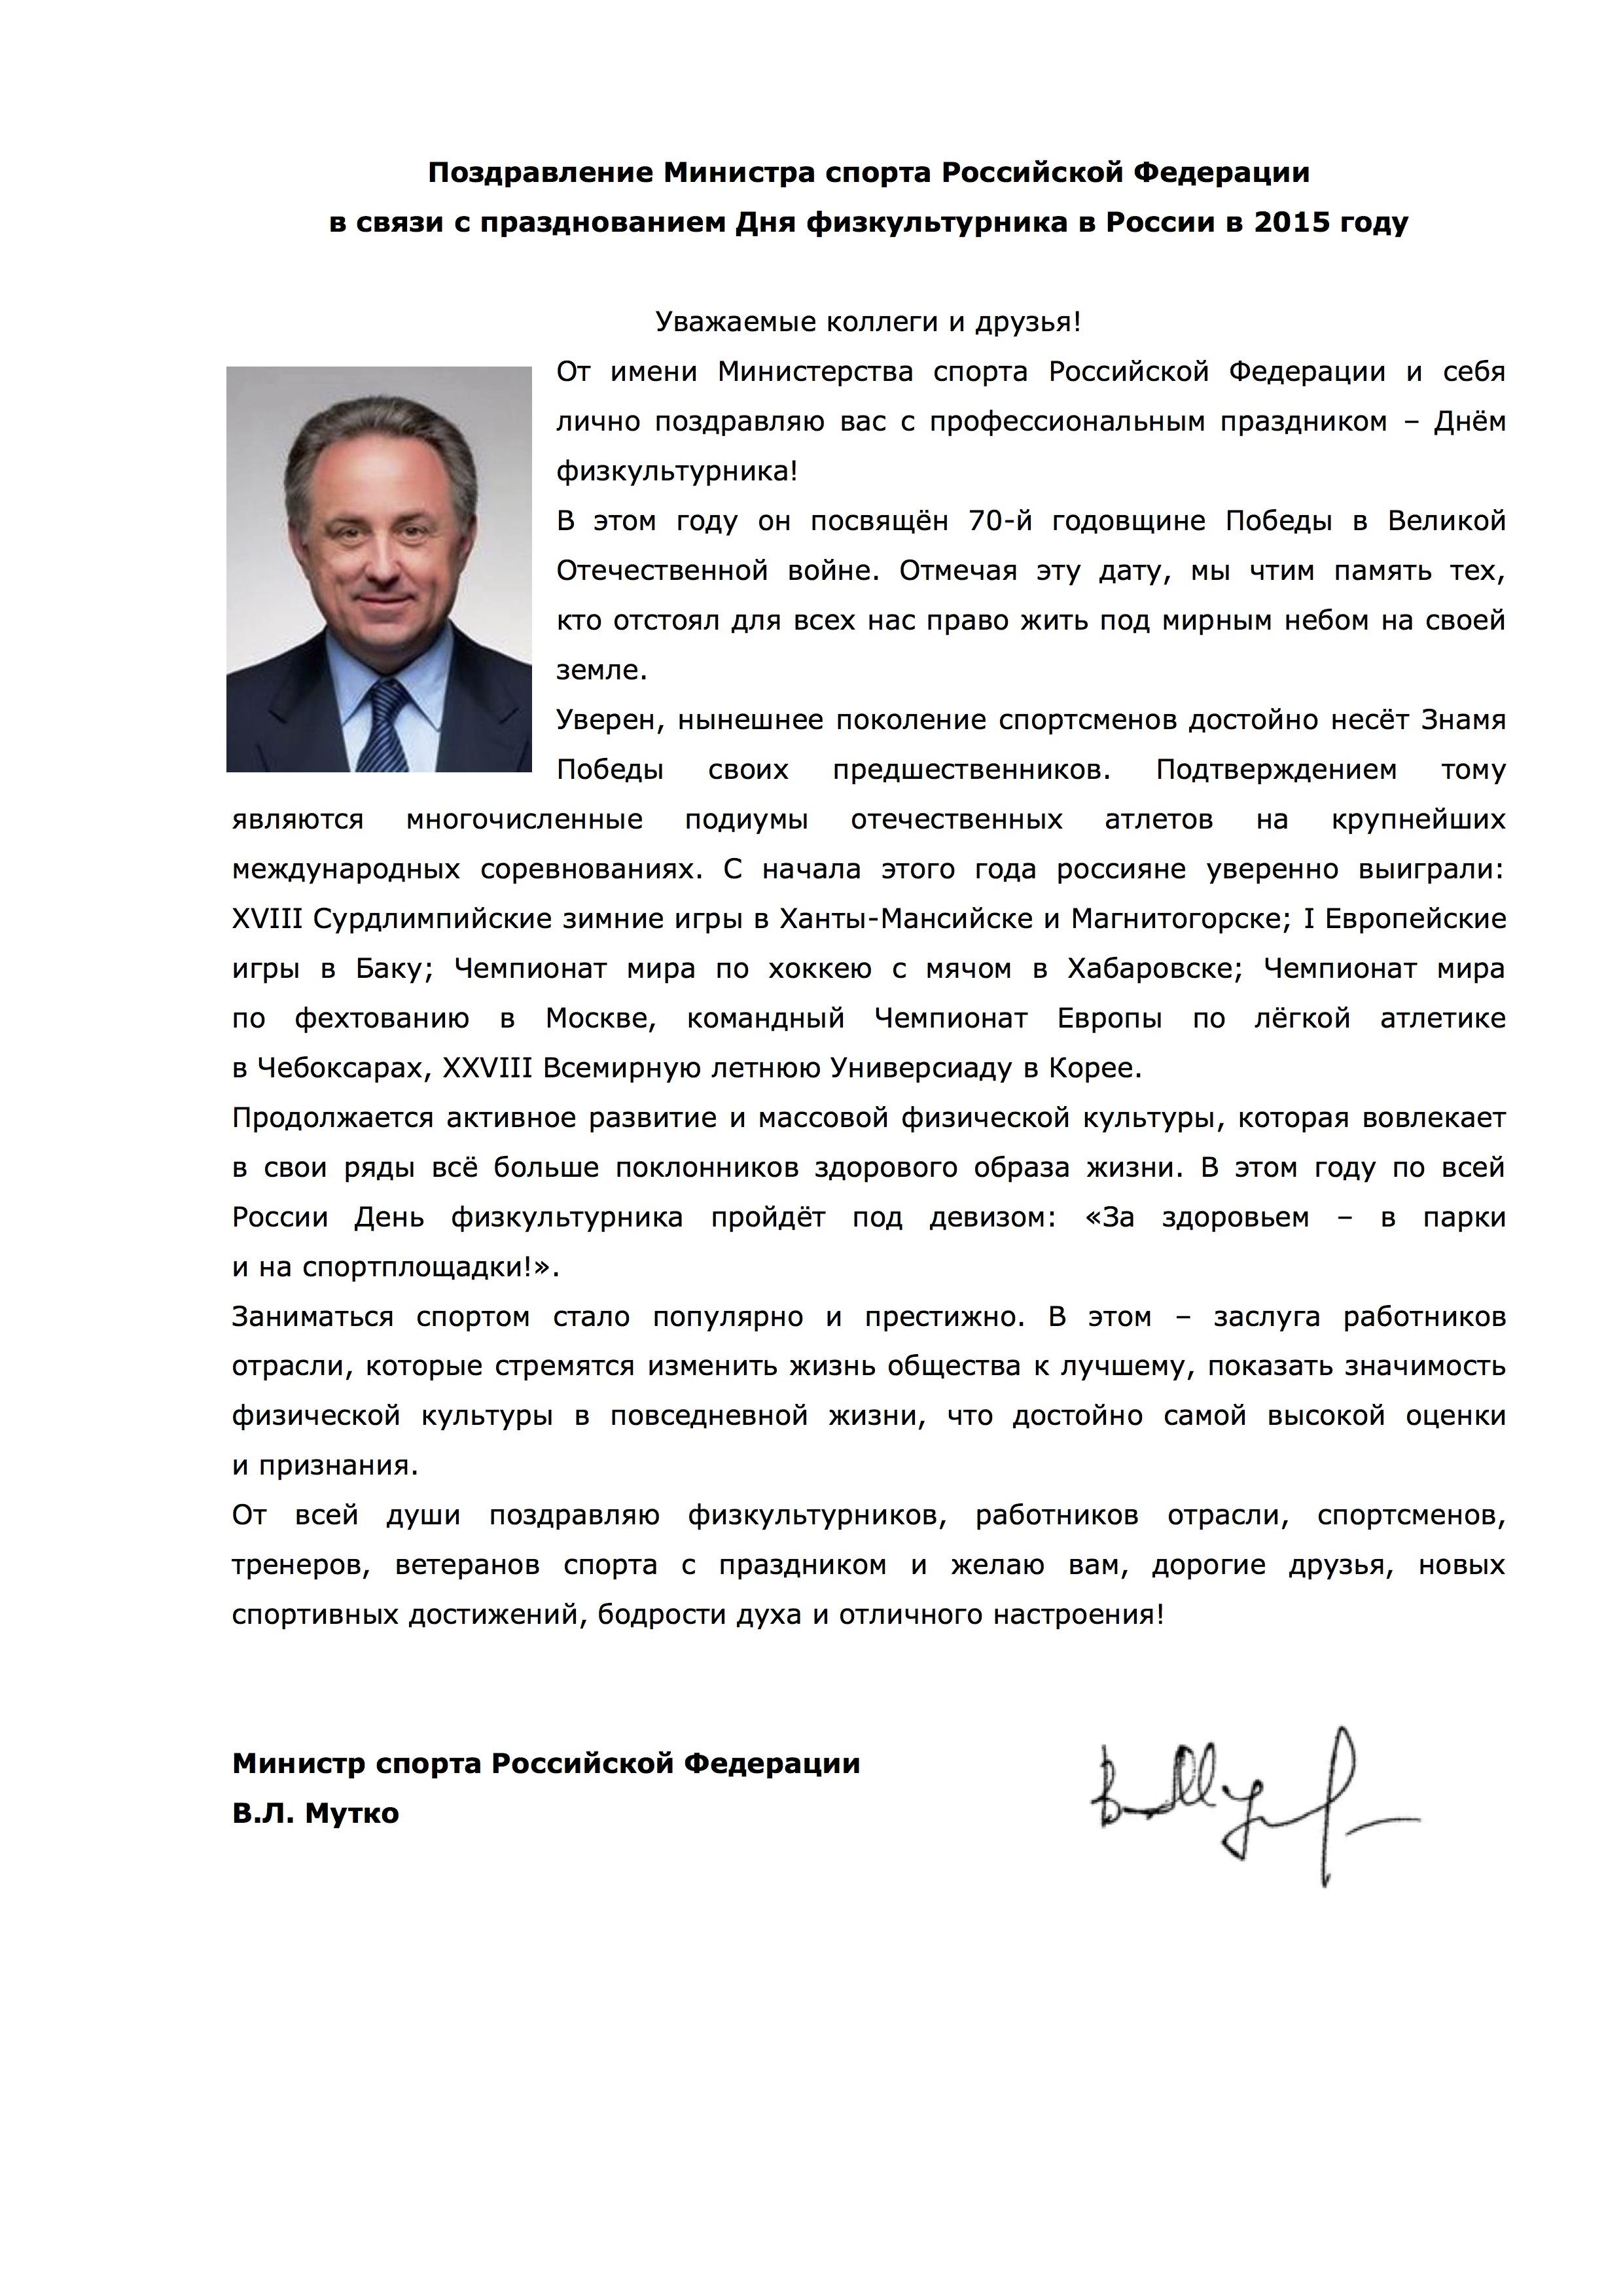 Министр спорта РФ В.Л. Мутко направил в ПКР поздравление в связи с празднованием Дня физкультурника